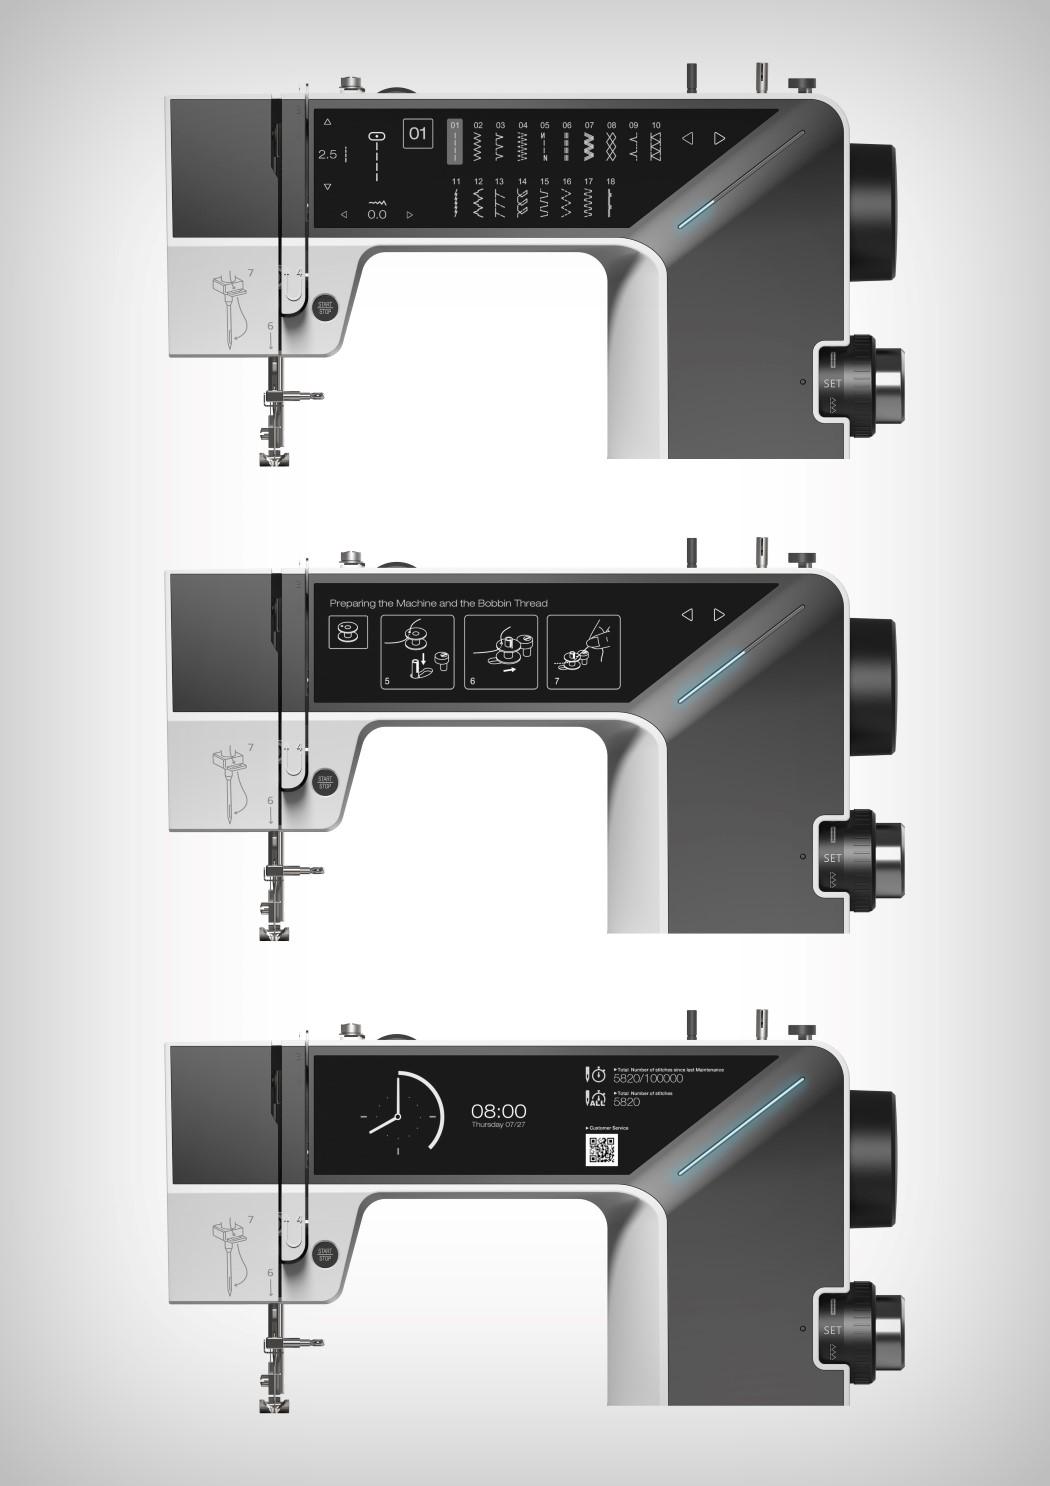 eink_sewing_machine_3